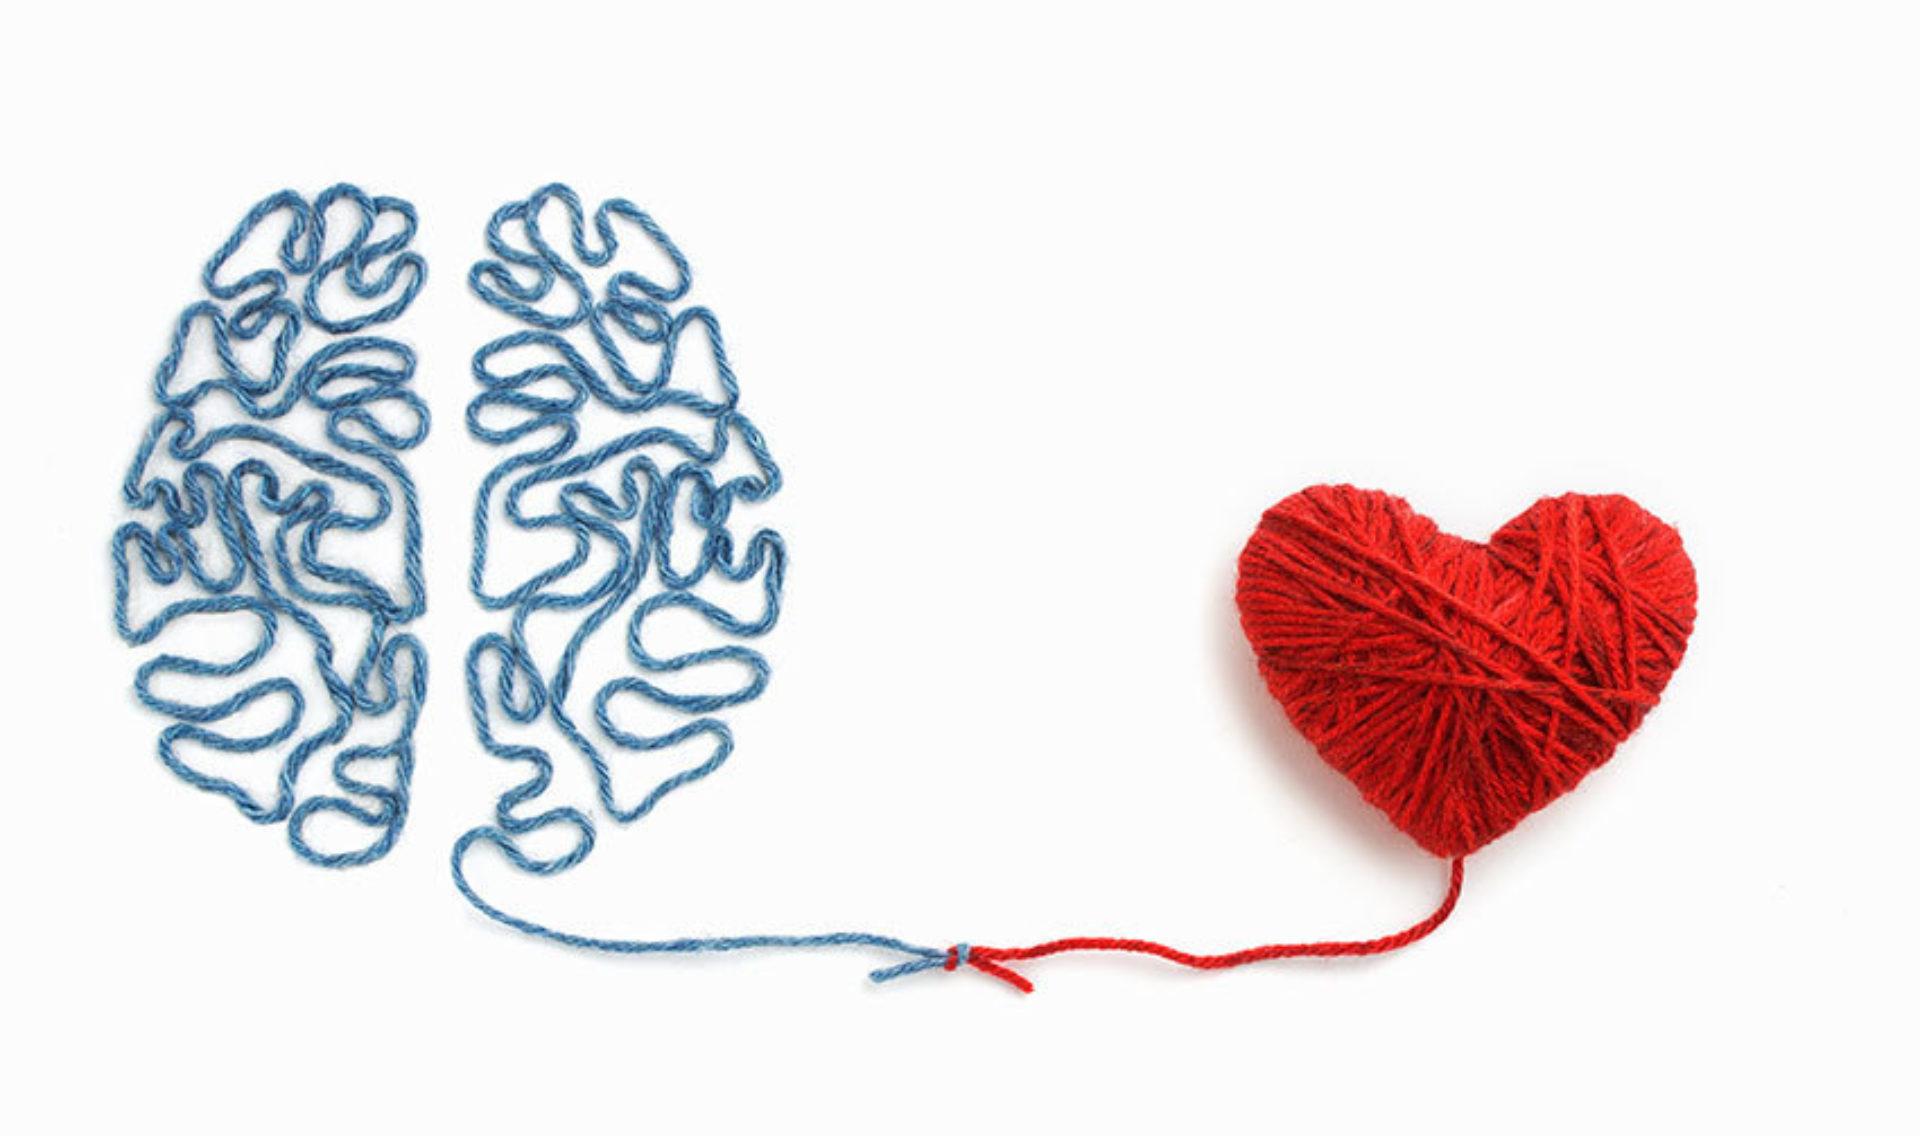 De balans tussen hart en verstand